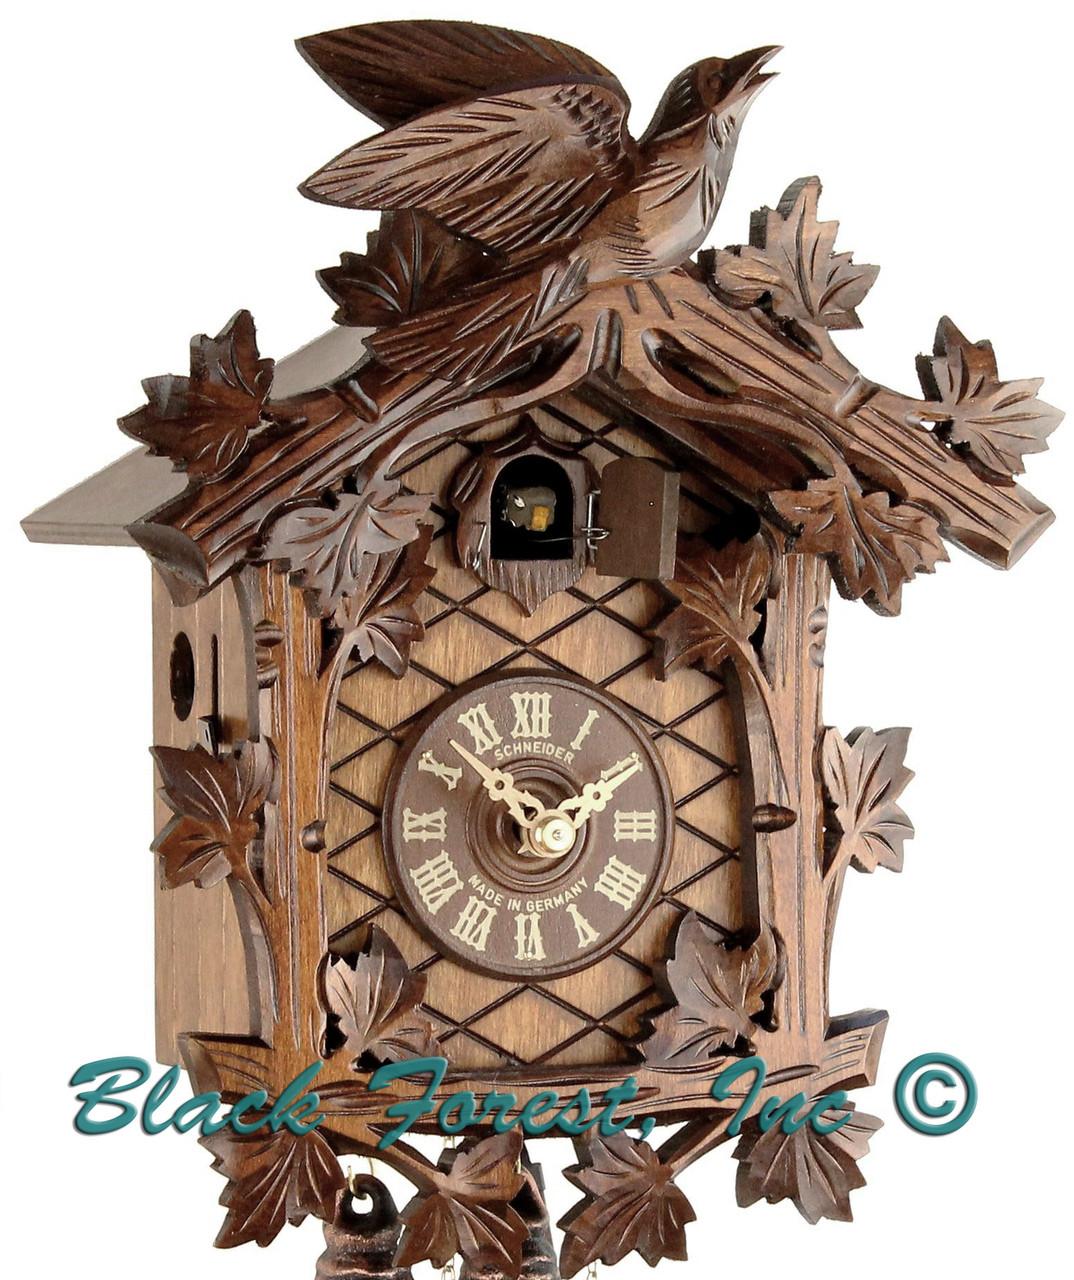 8T 48-9 8 Day 1 Bird Anton Schneider Carved German Cuckoo Clock